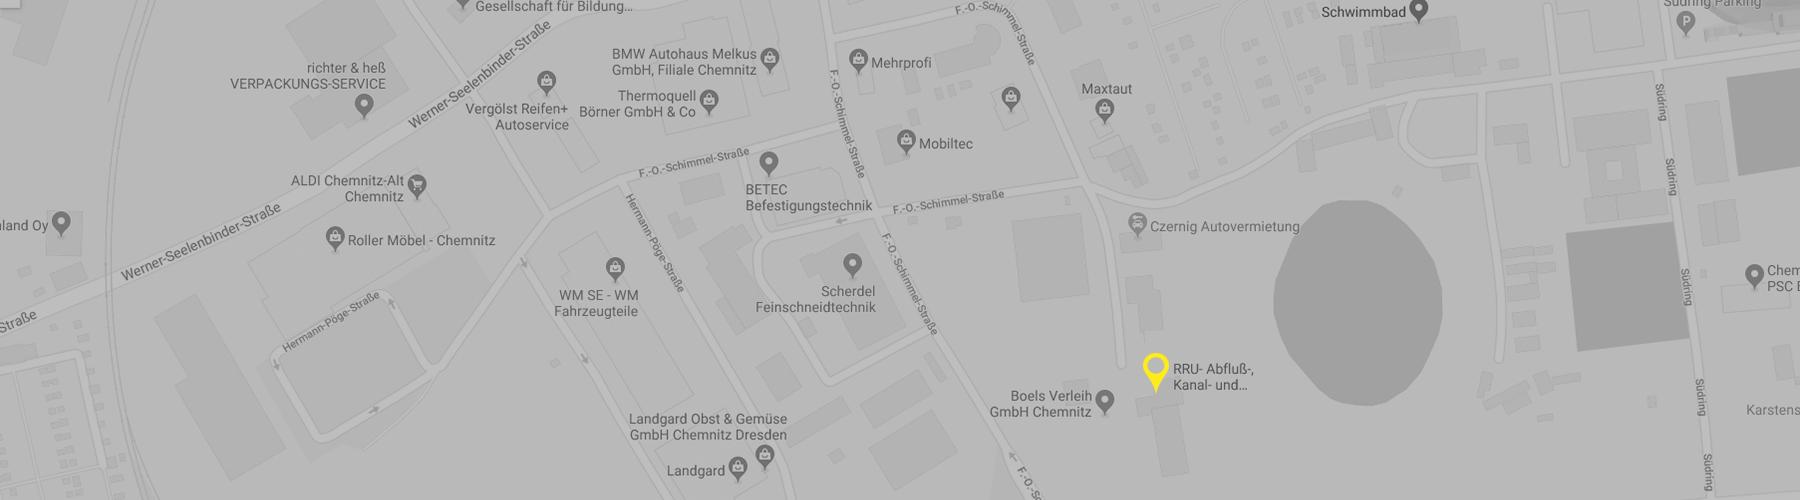 Kartenausschnitt (dunkel) zur Lage der RRU GmbH